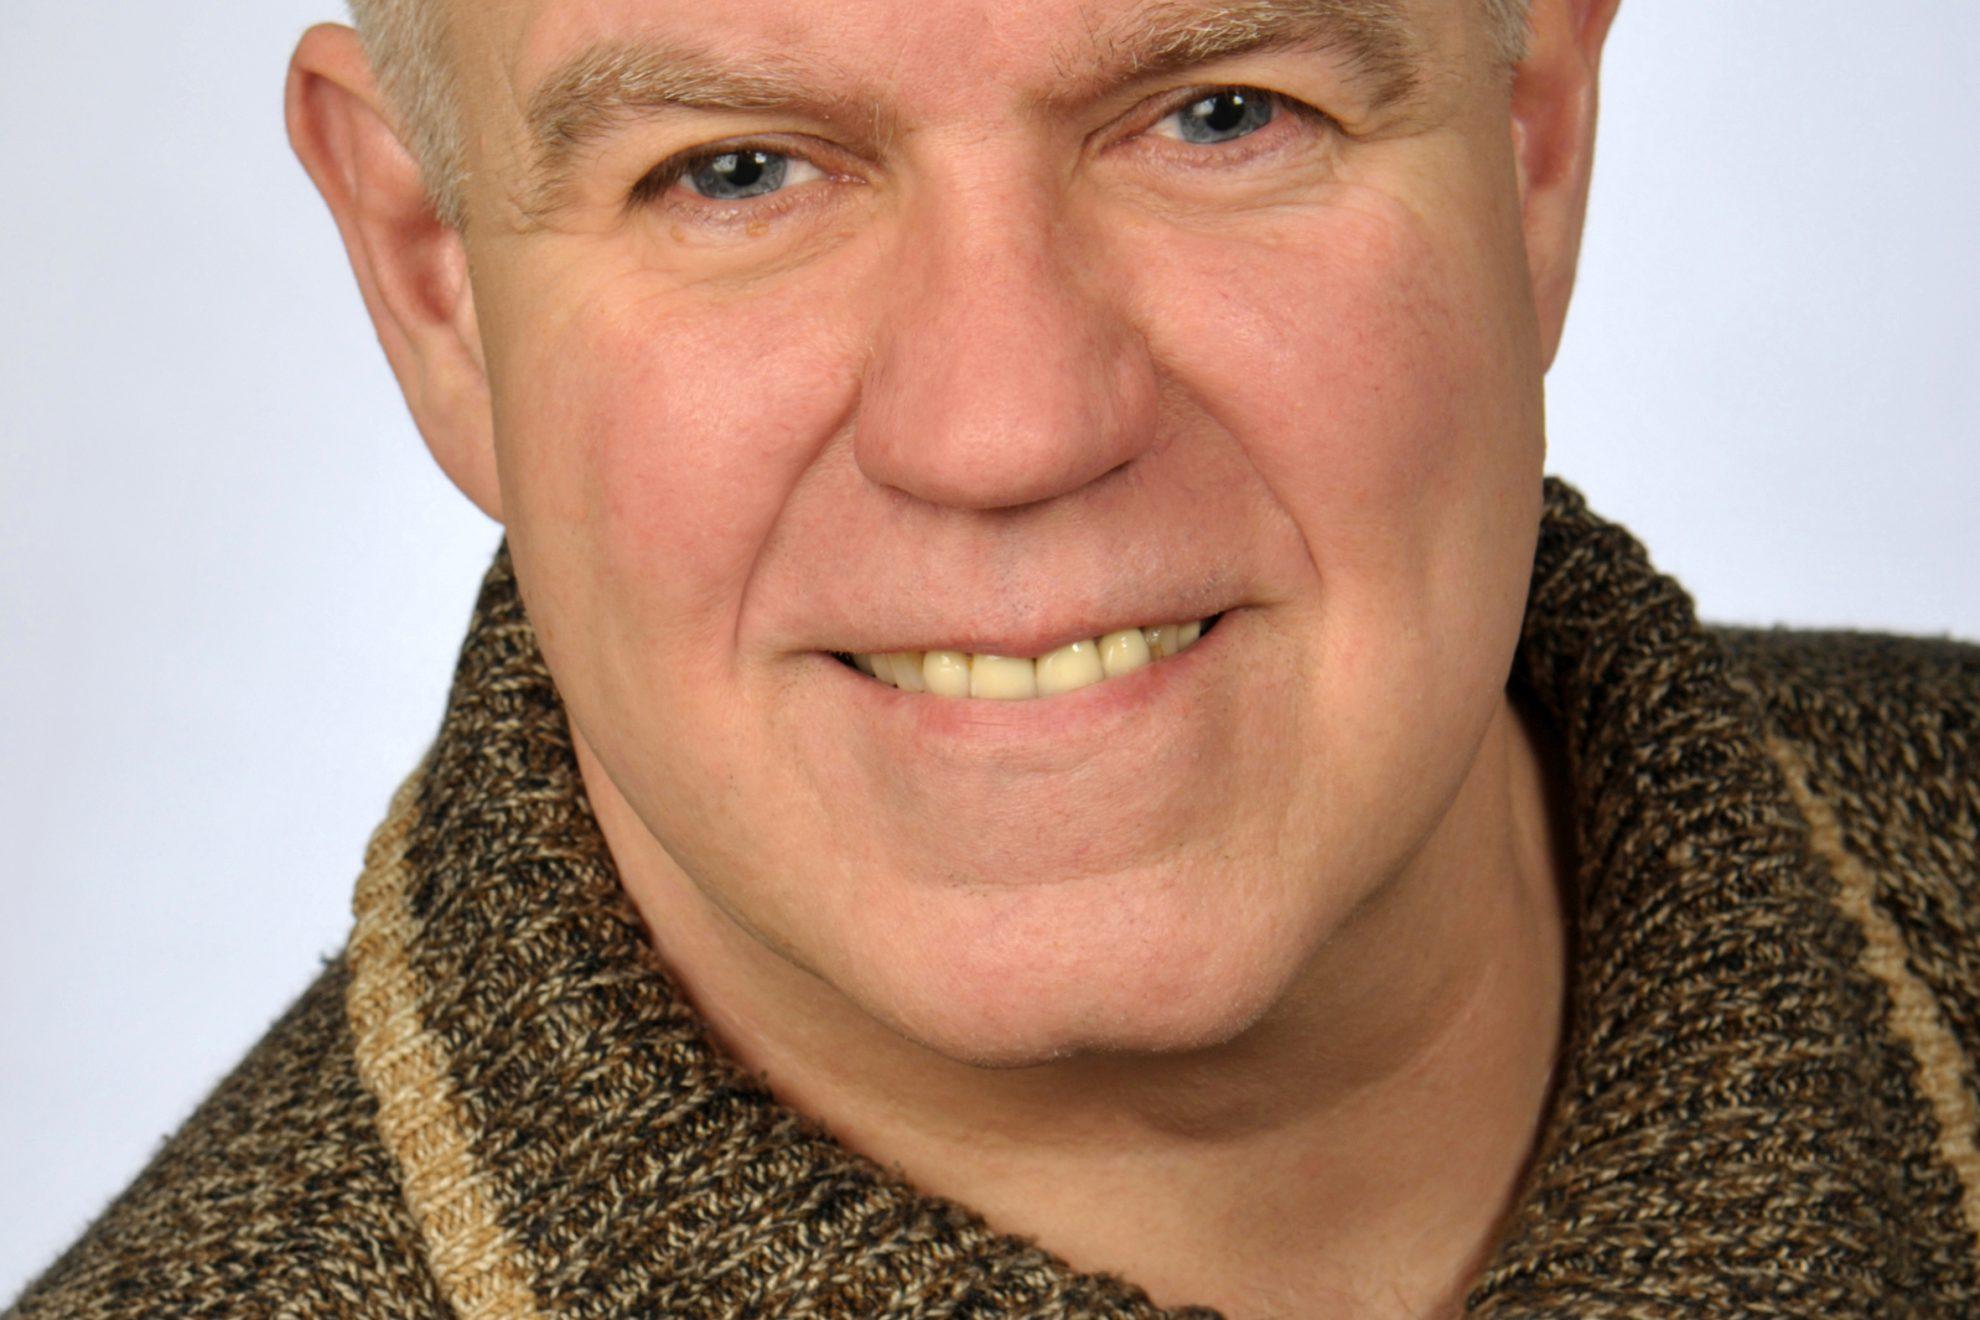 Armin Kuschnereit